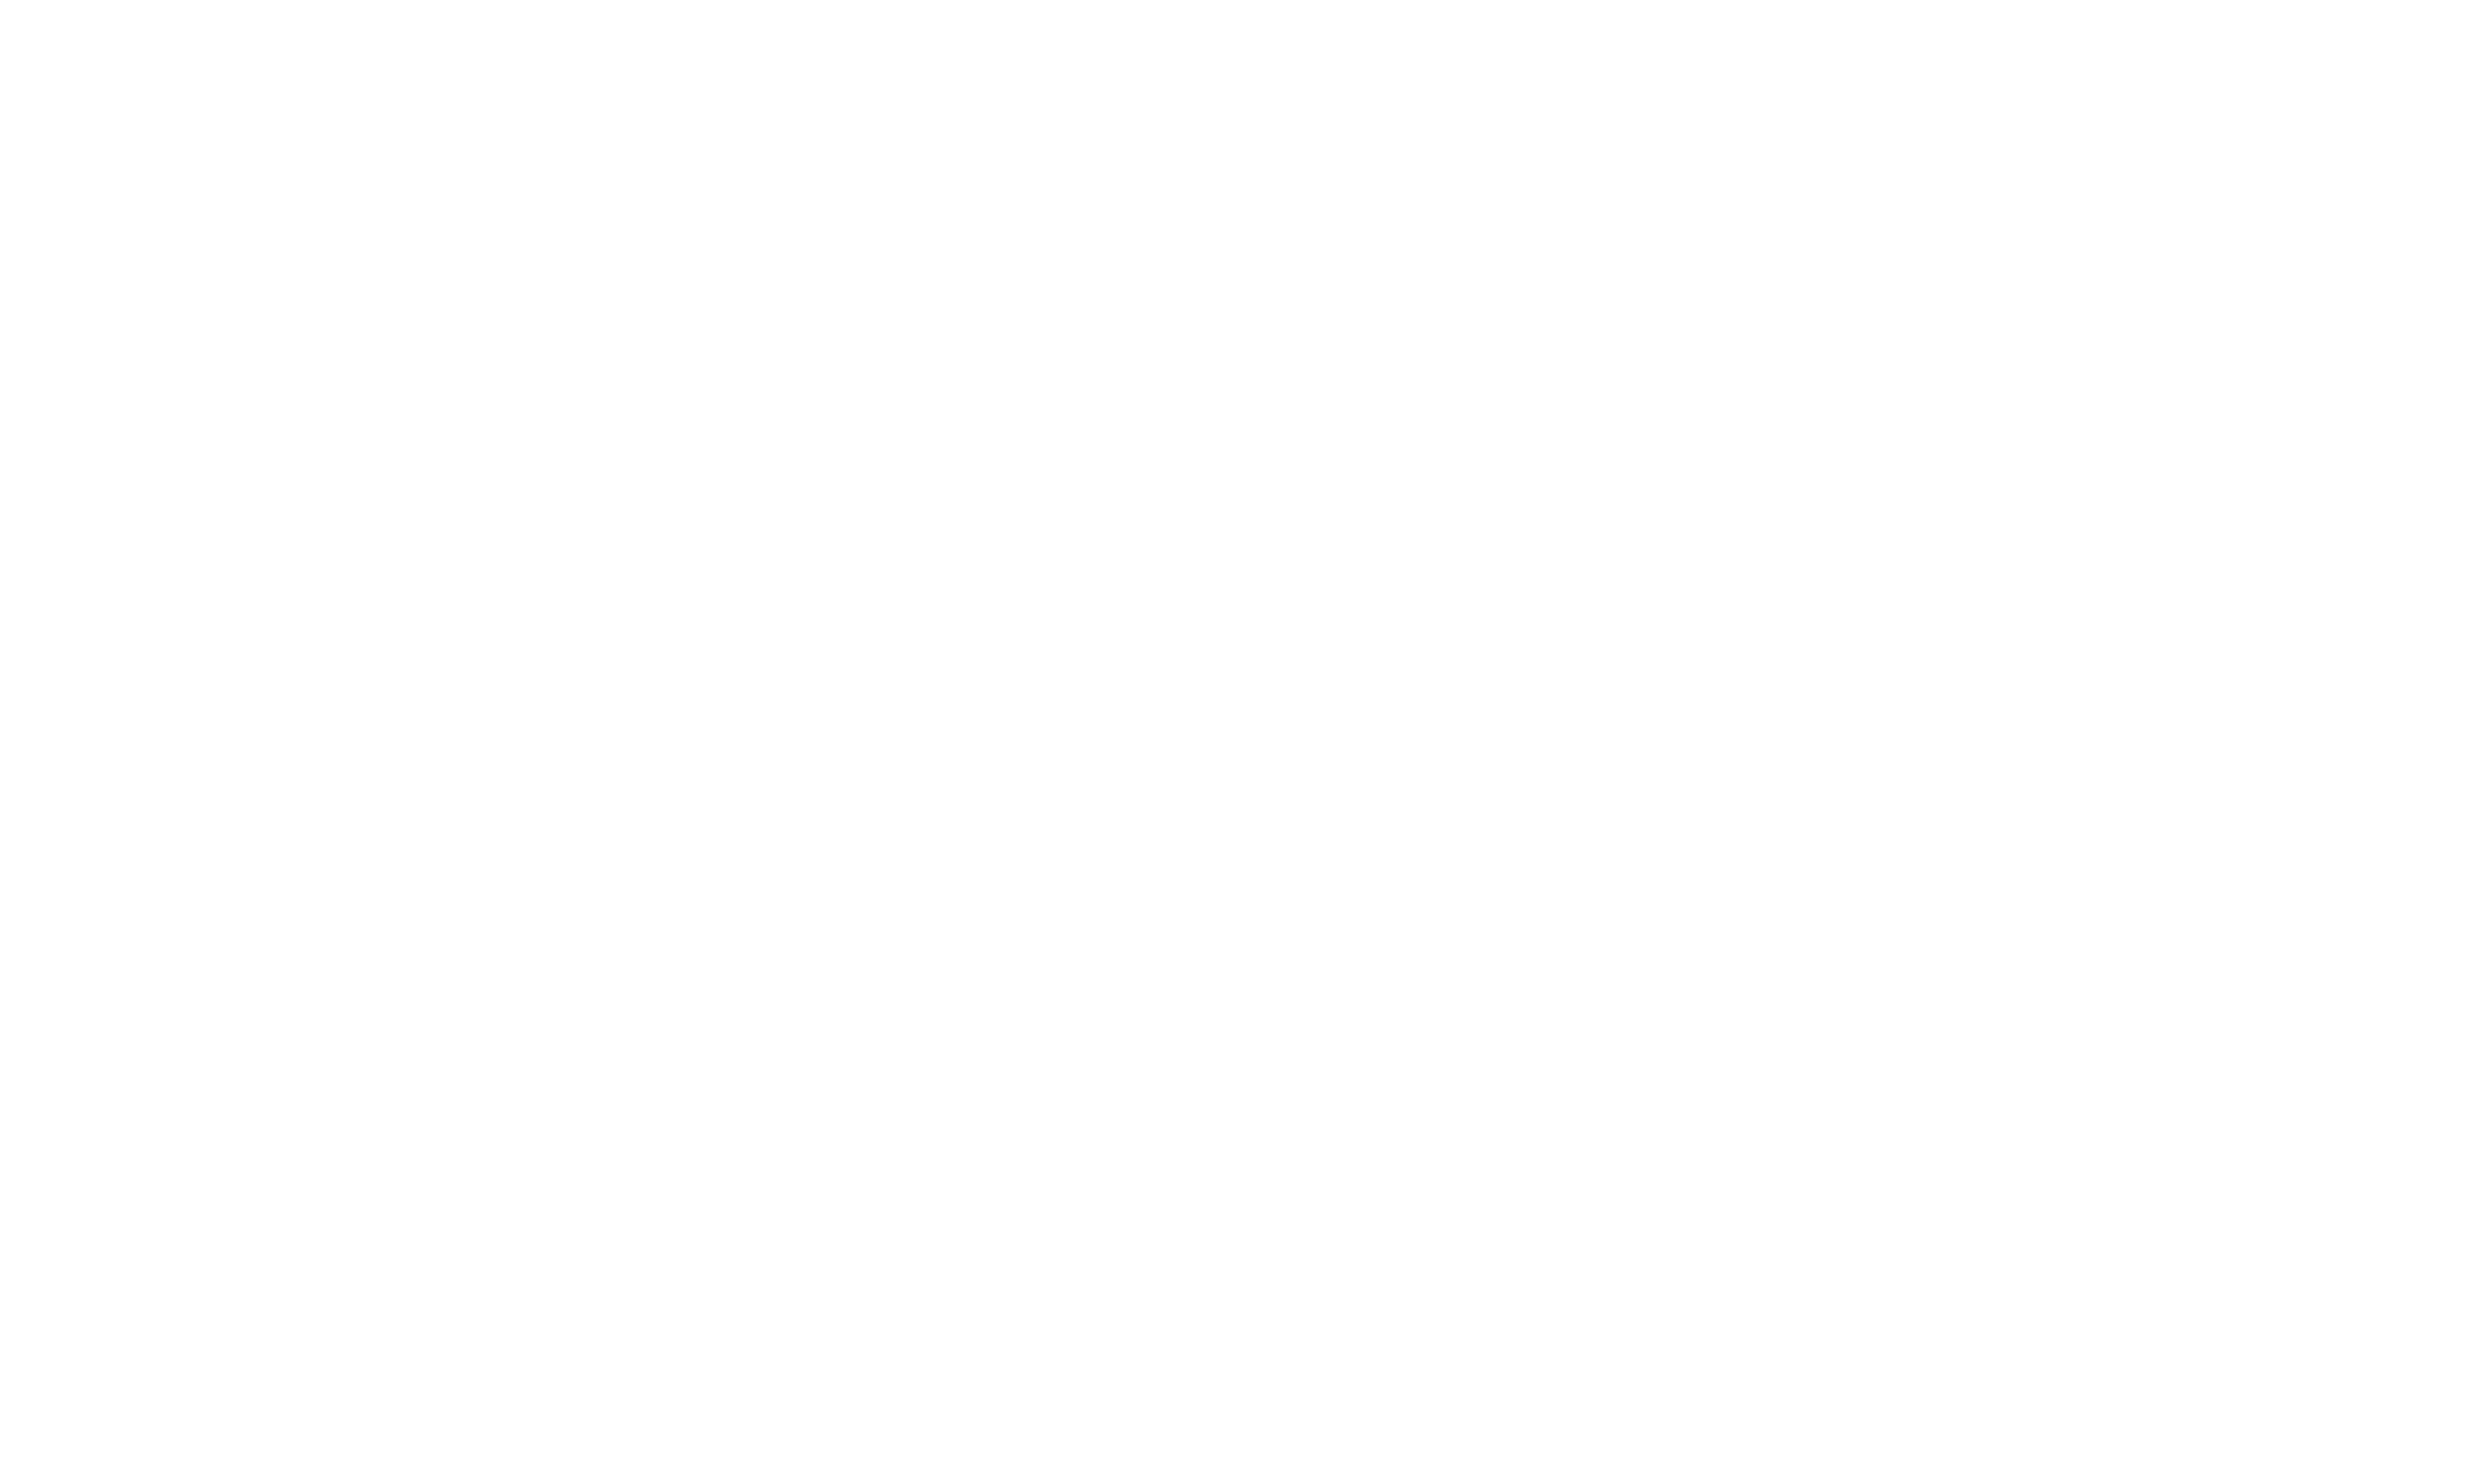 Audit & conseil